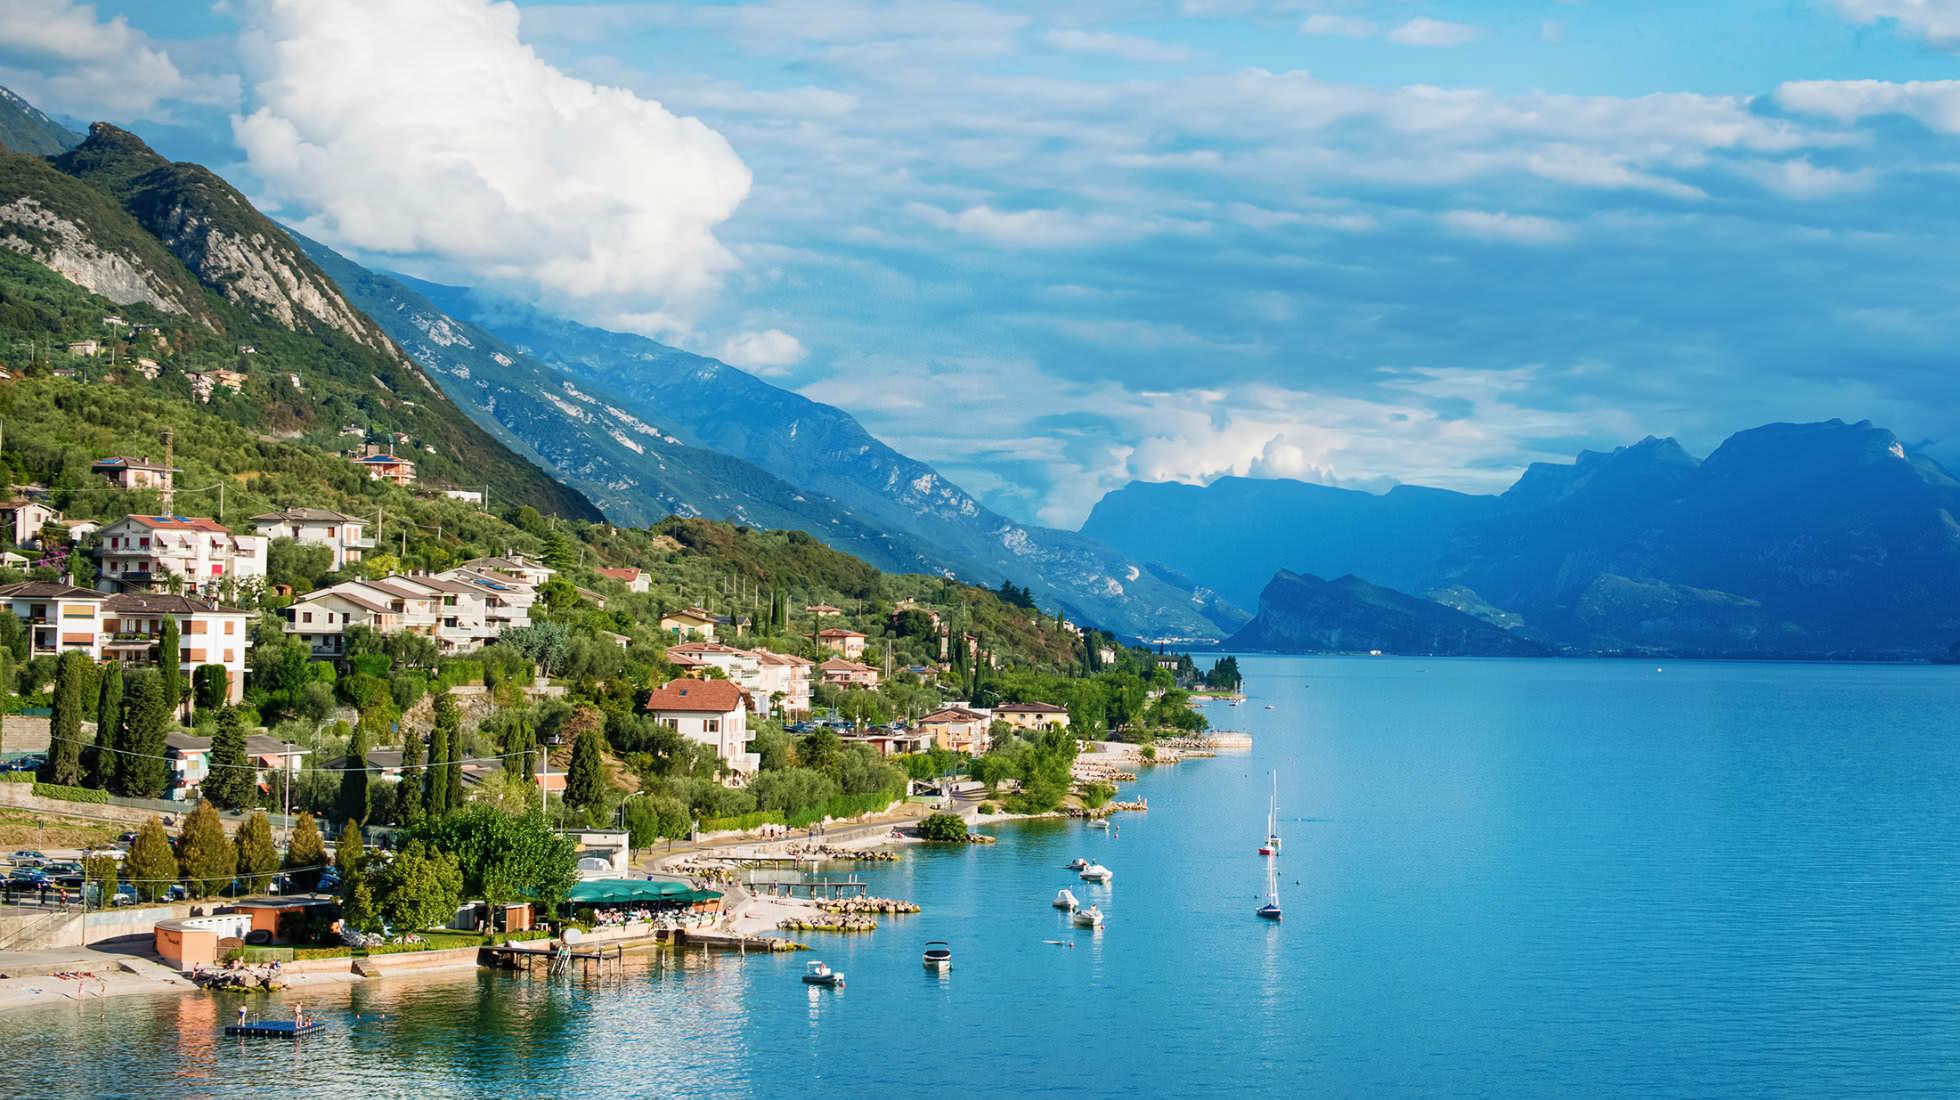 Lago Maggiore Karte Mit Orten.Mehr Als Nur Der Gardasee Die Norditalienischen Seen Ferngeschehen